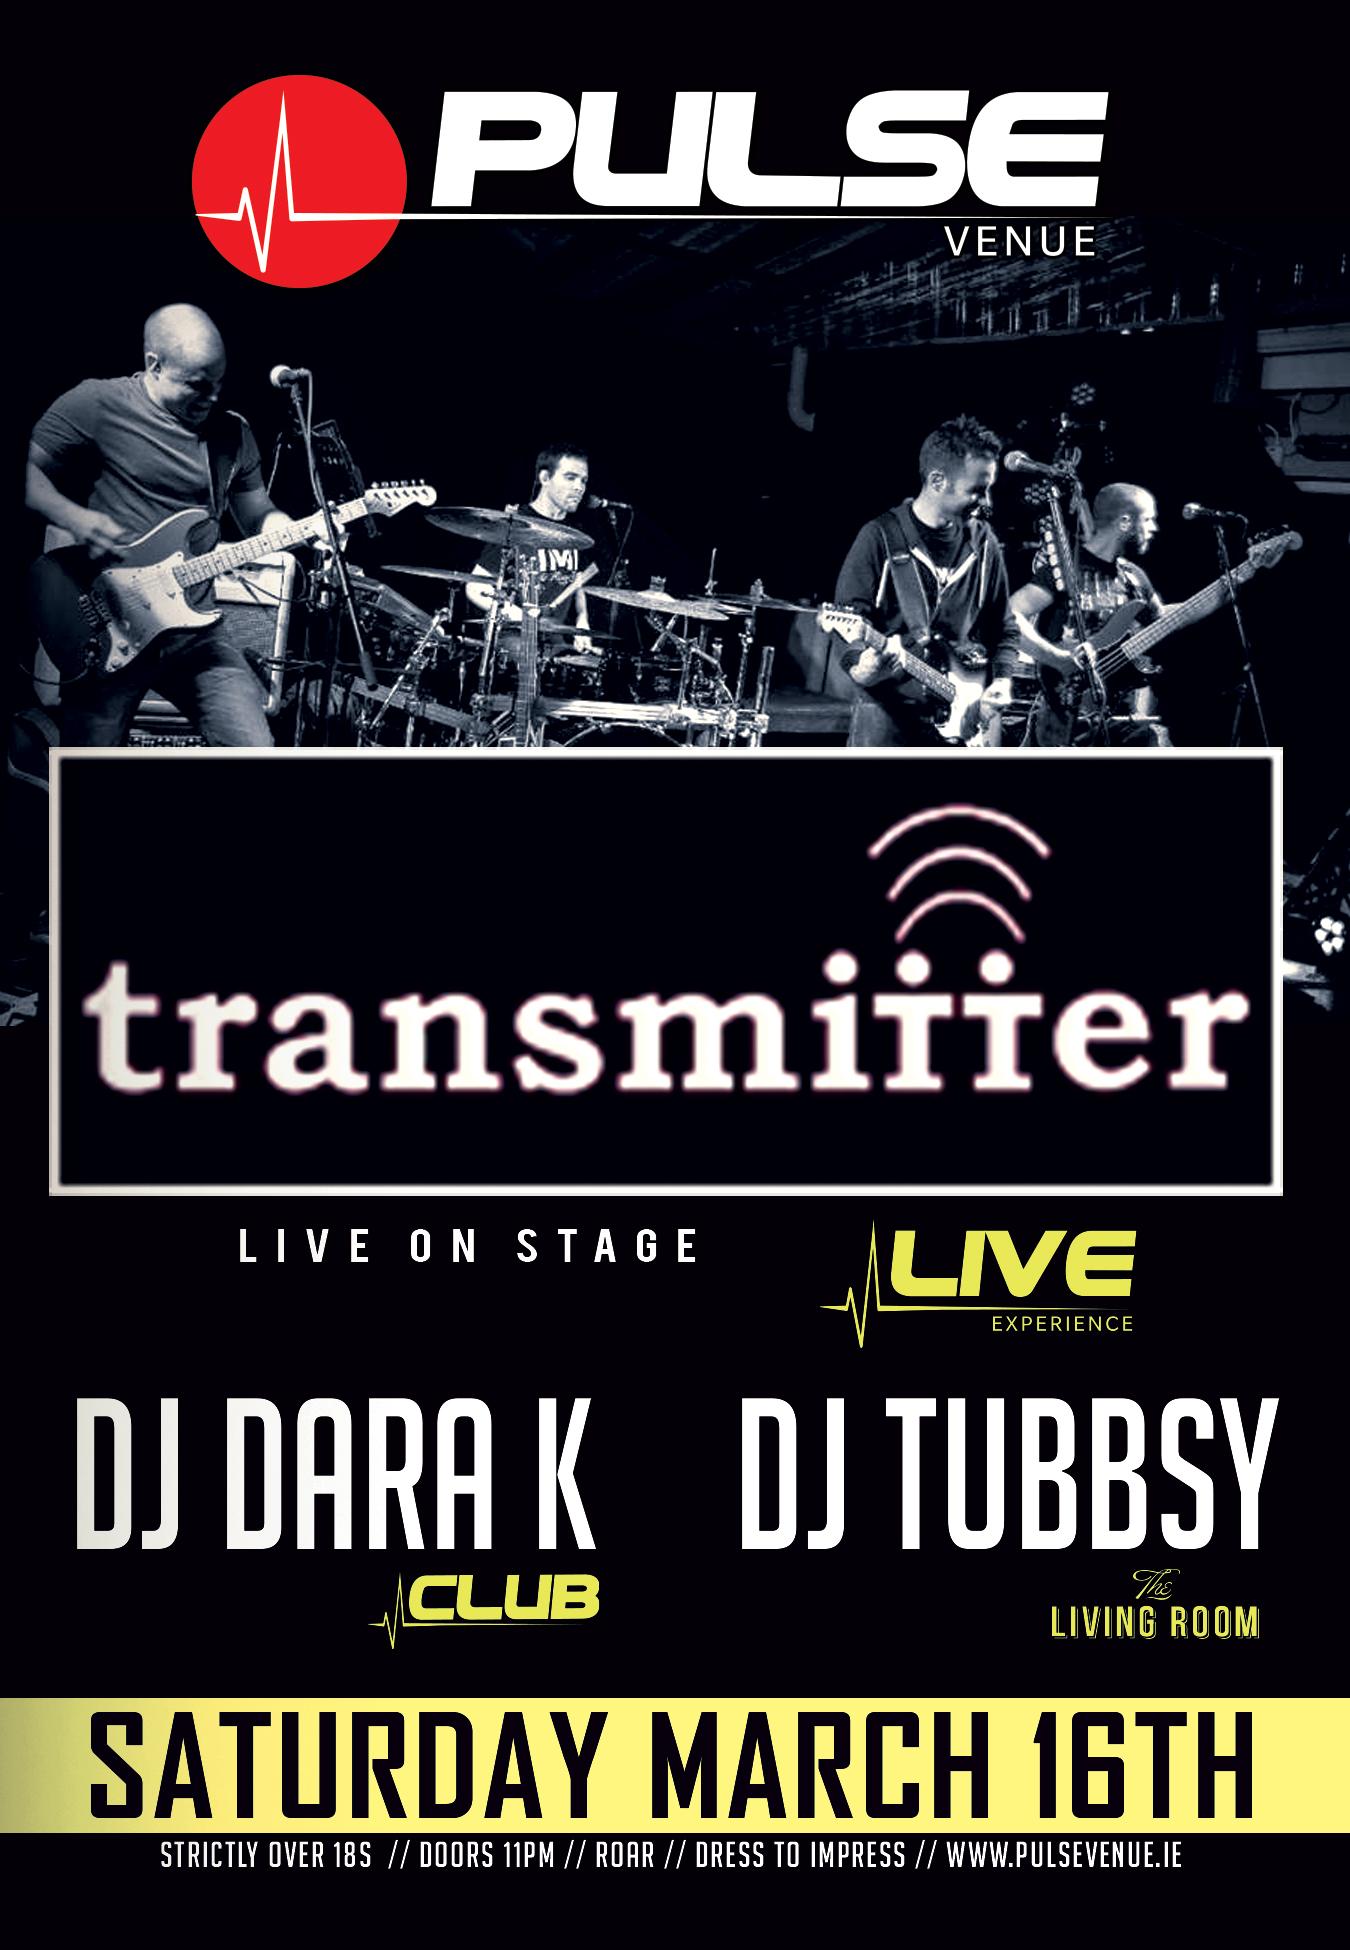 pulse---tranmitters-dara-k---TUBBSY-SAT-martch-16-2019.jpg